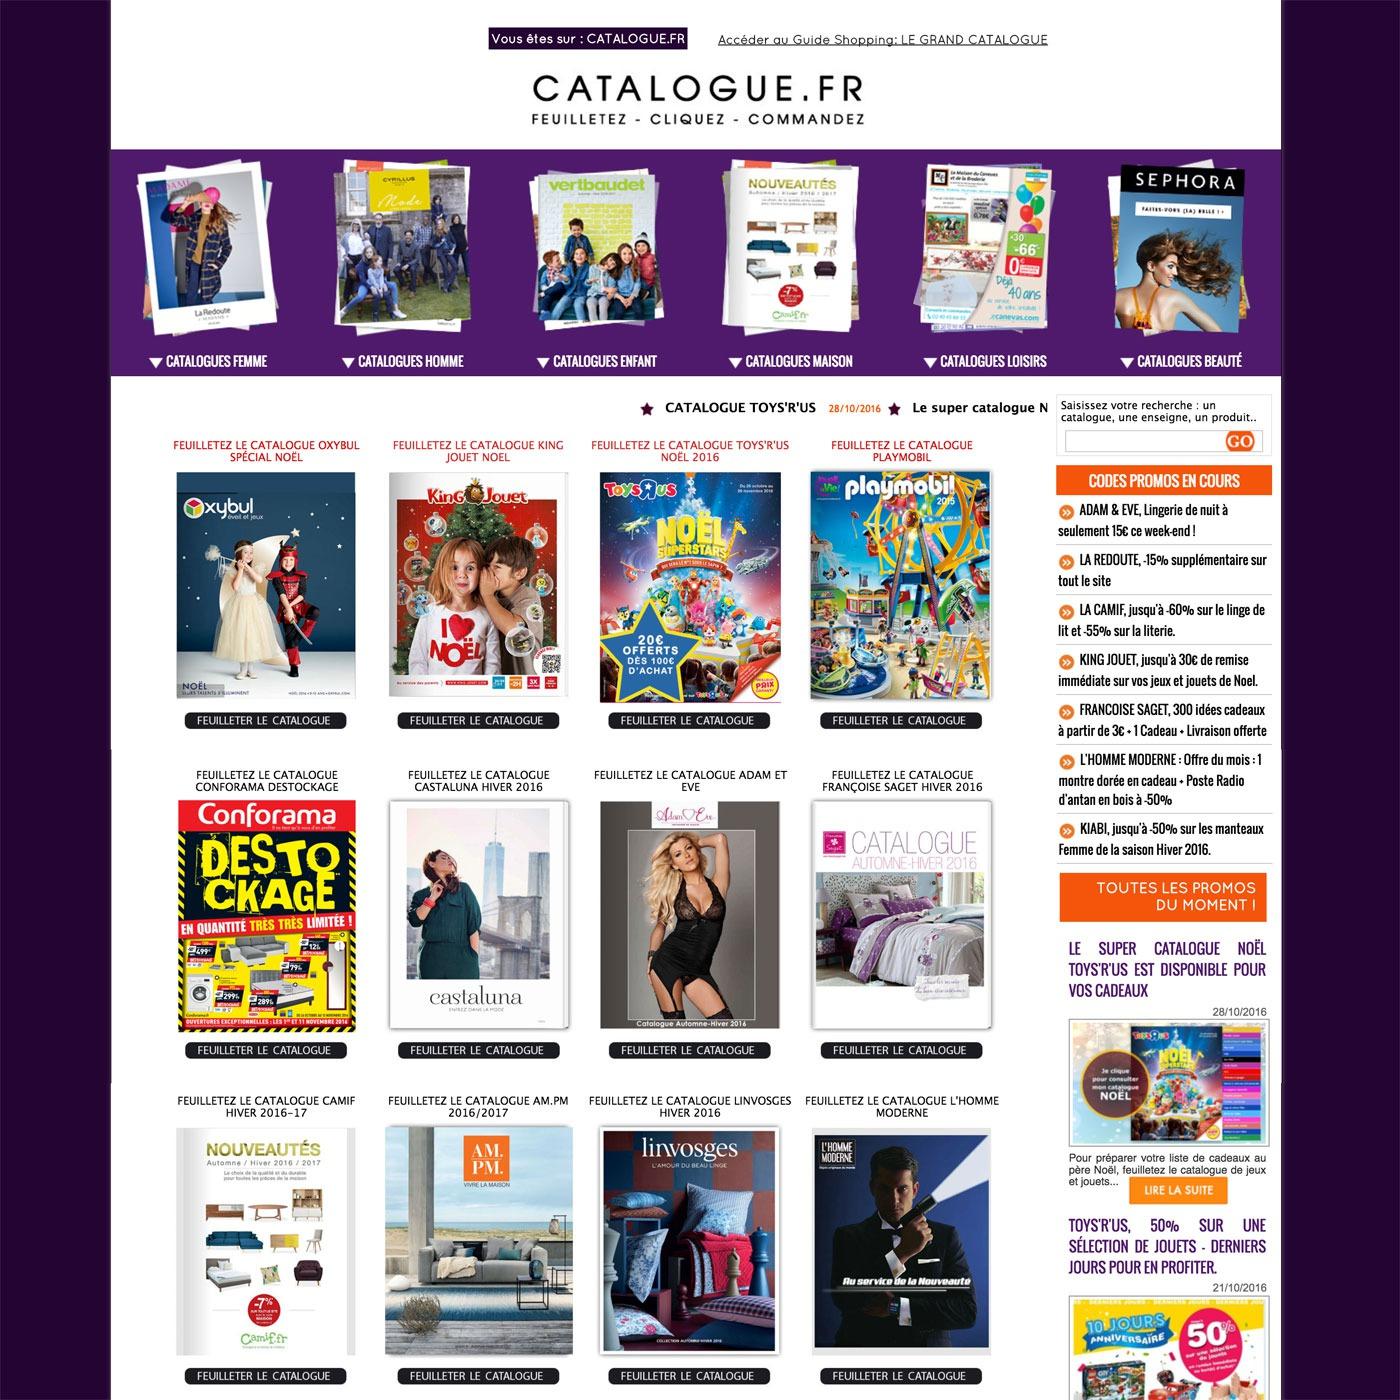 demande catalogue noel 2018 Recevez et Feuilletez tous vos Catalogues Gratuits   CATALOGUE.FR demande catalogue noel 2018